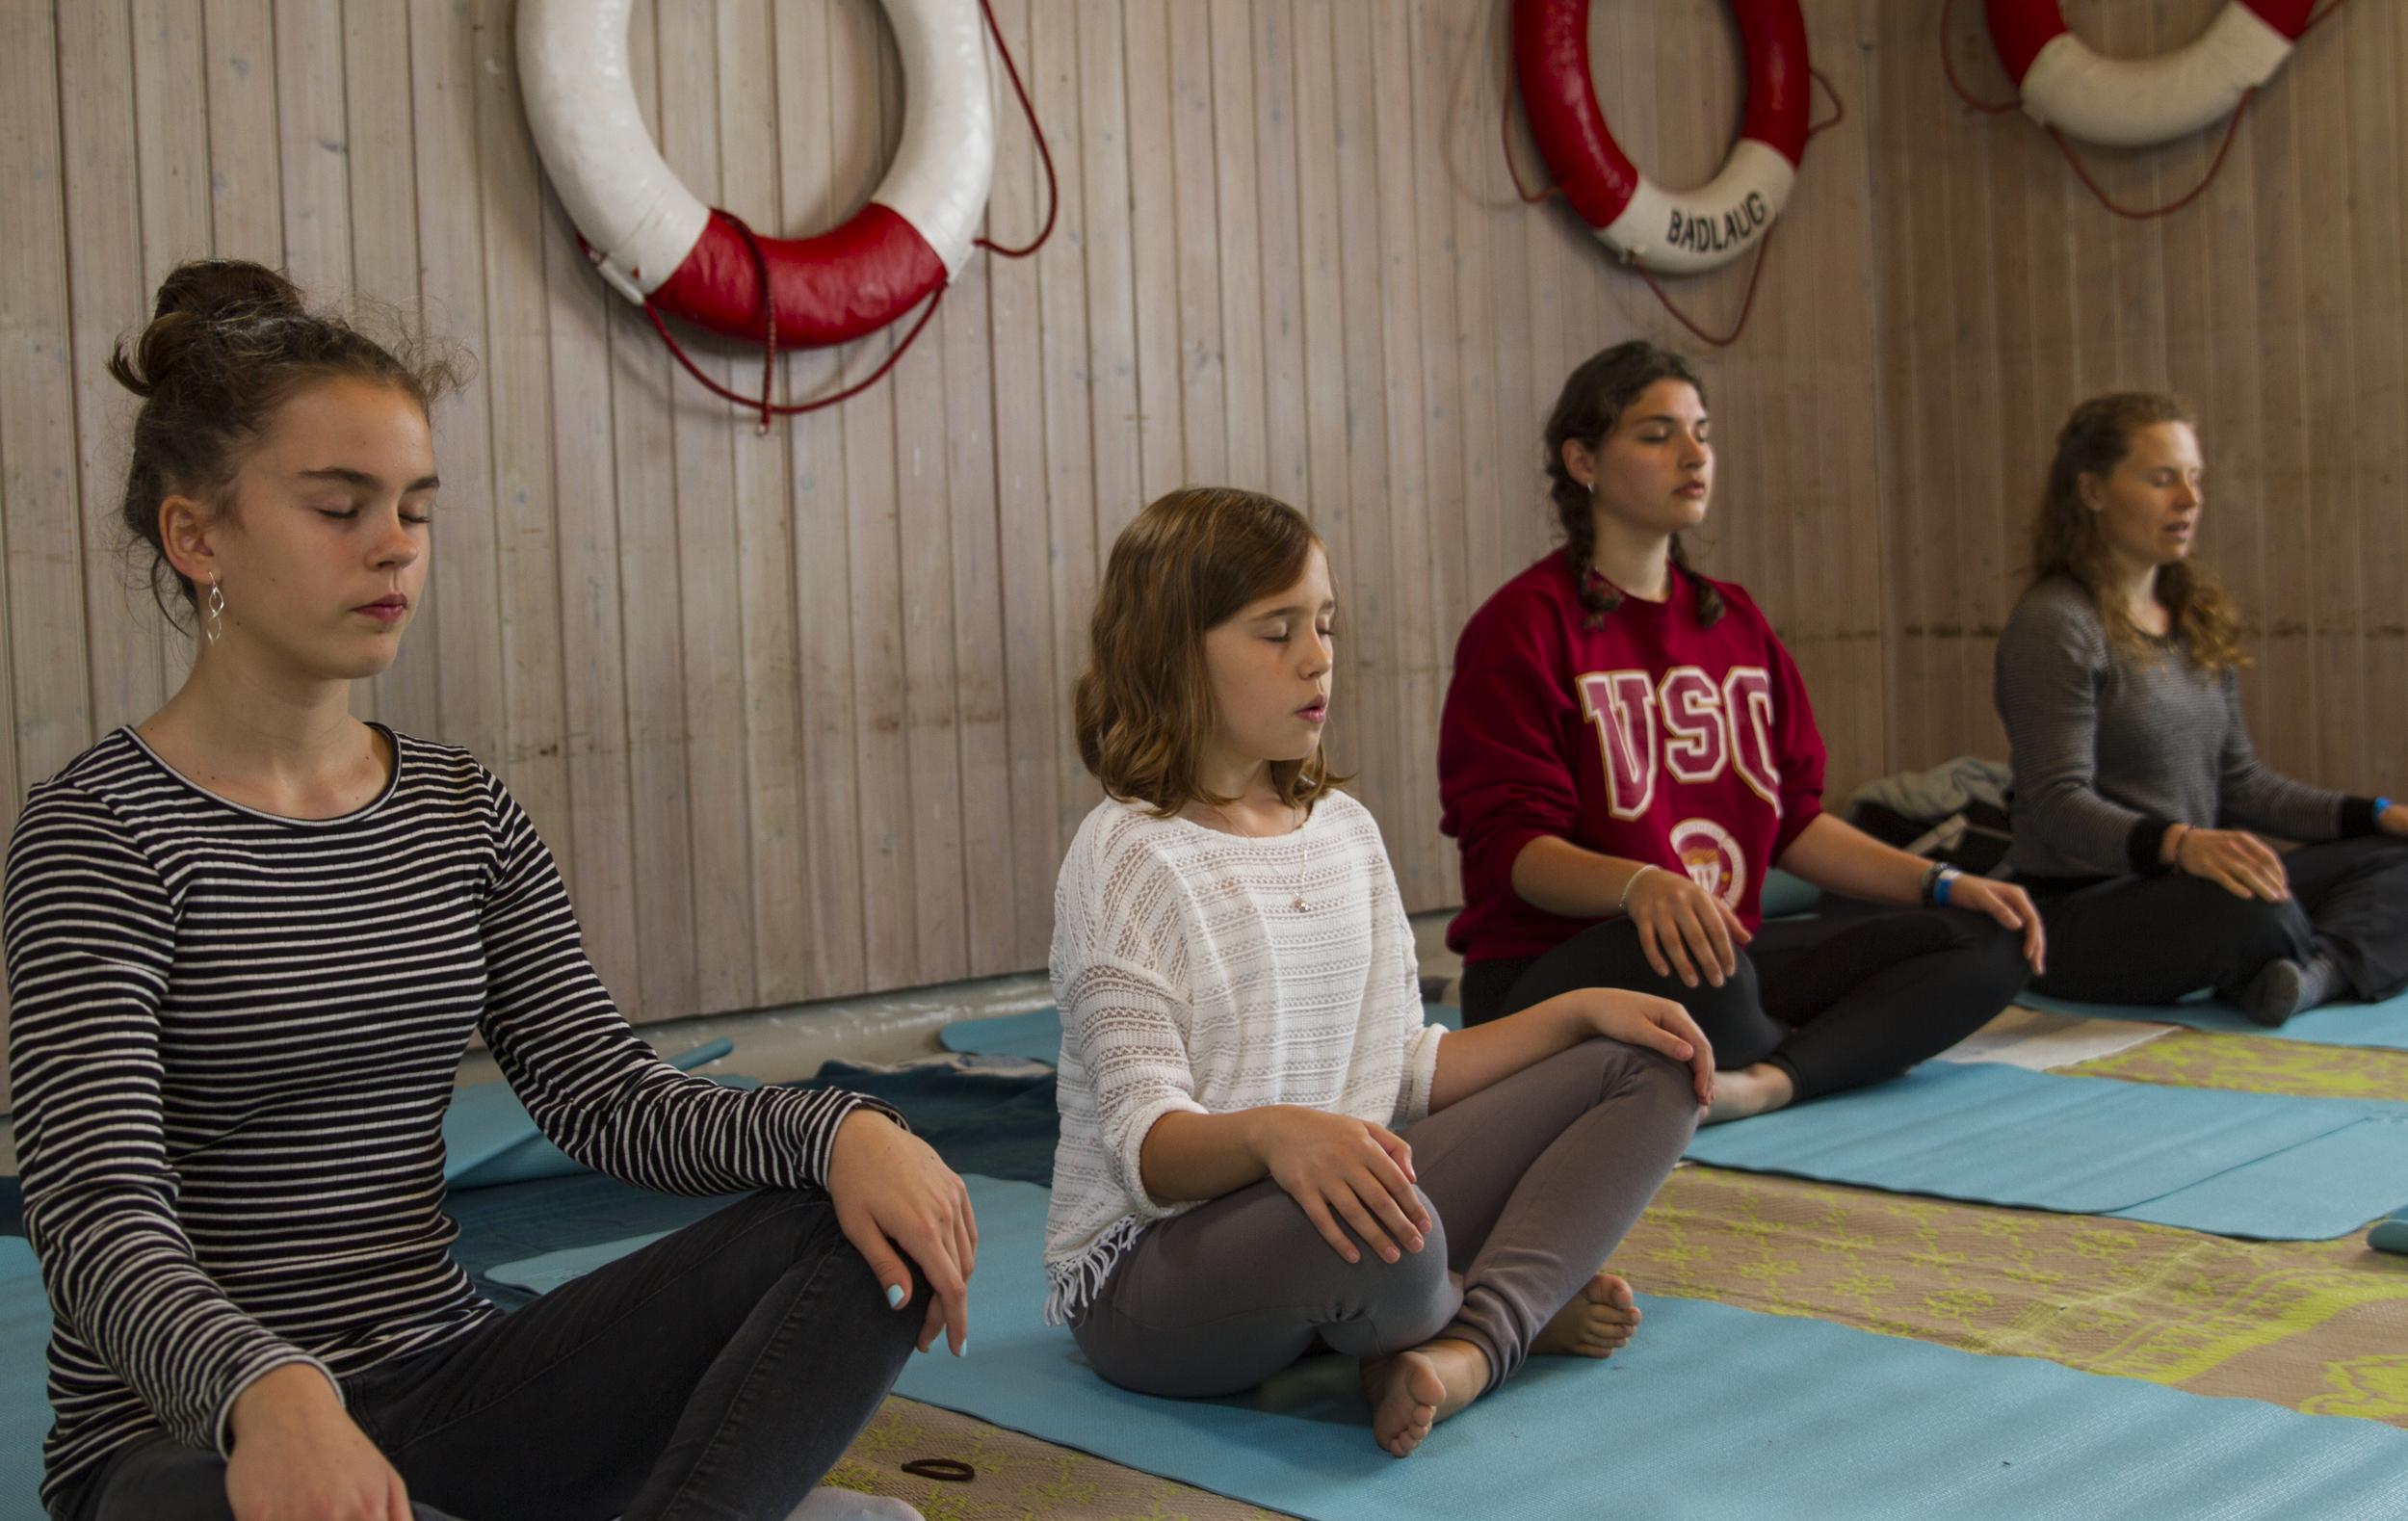 yogafest31.jpg